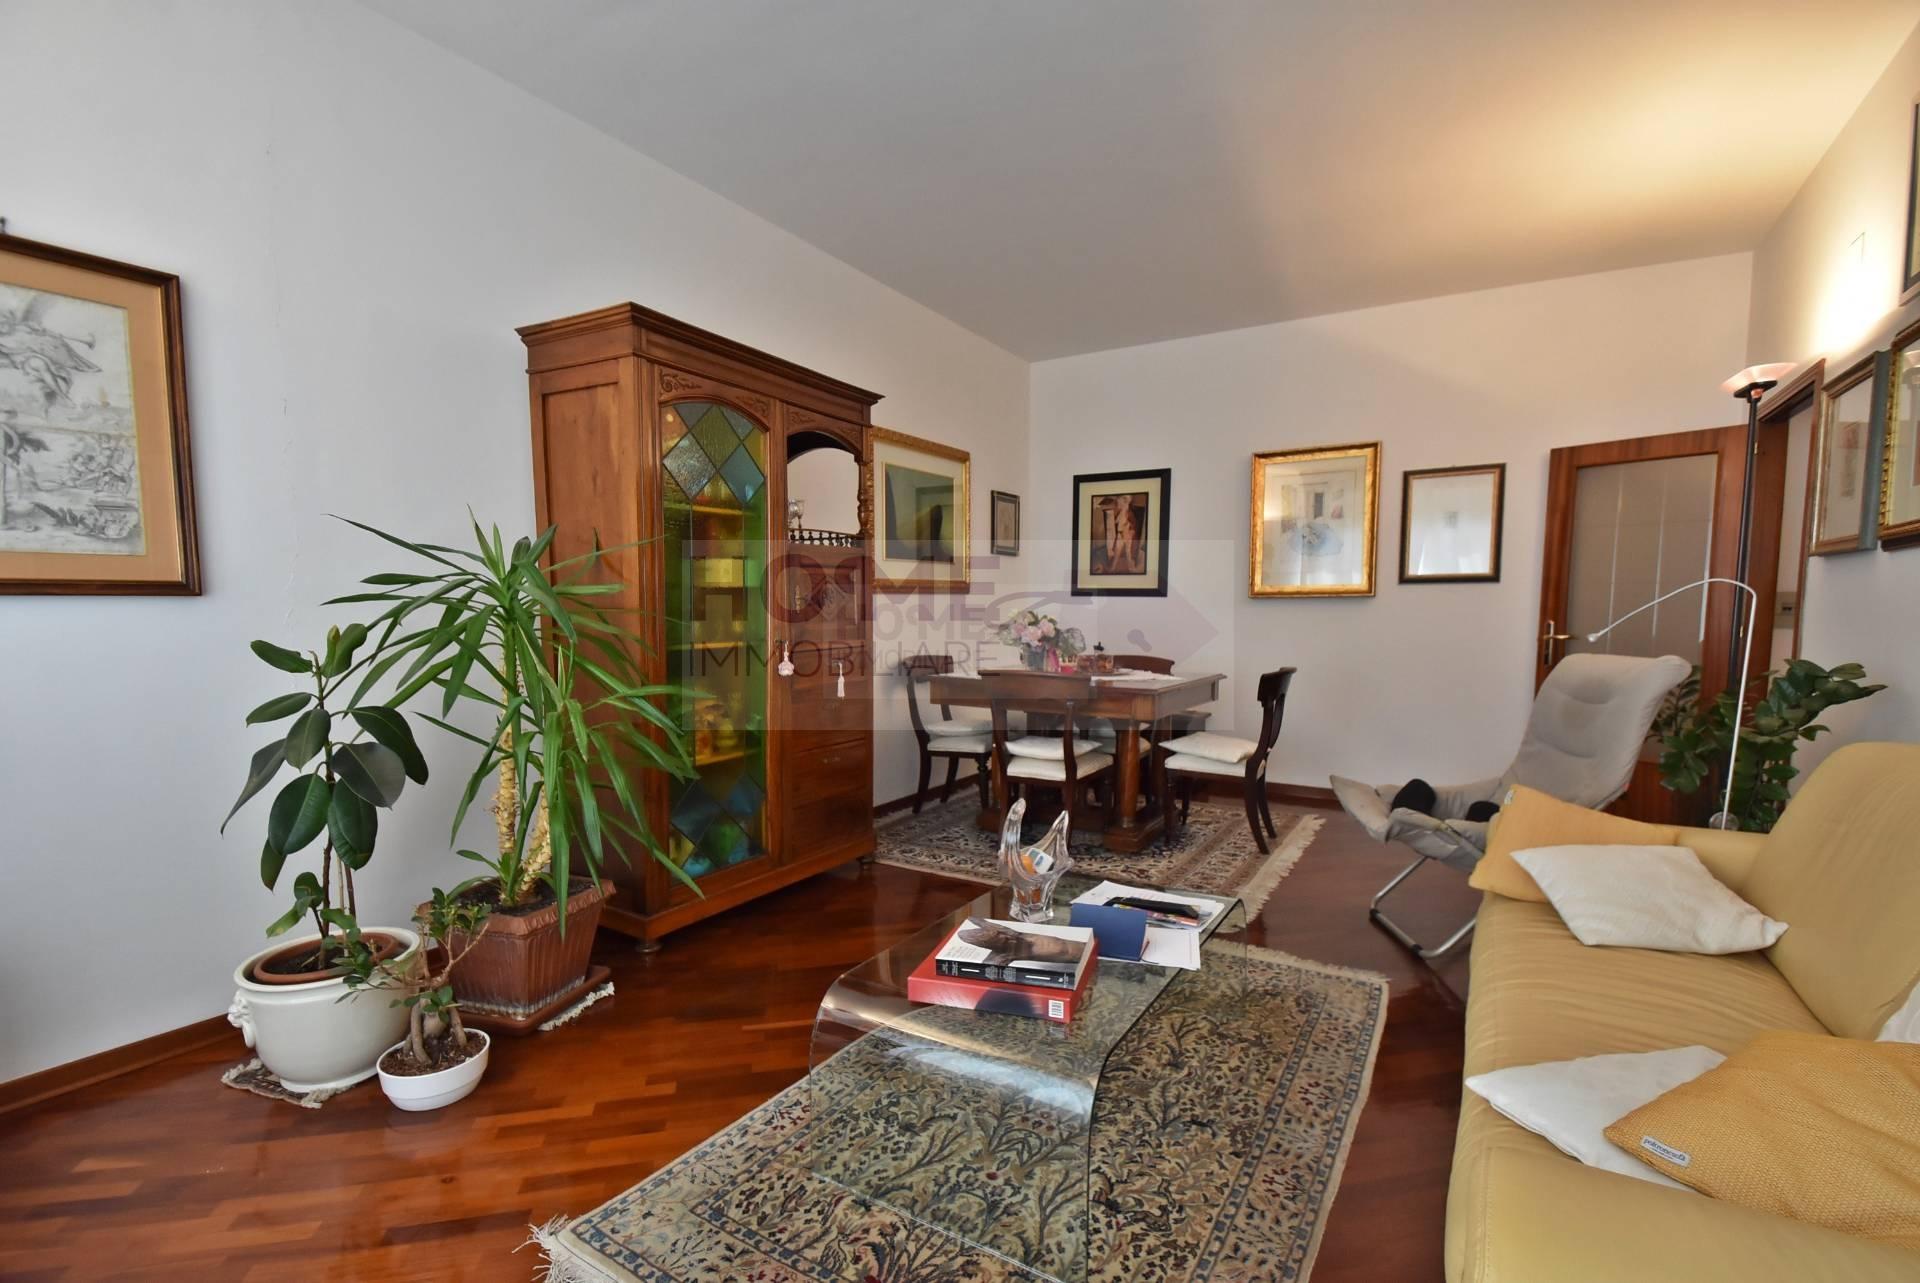 Appartamento in vendita a Macerata, 6 locali, zona Località: ZonaCentrale, prezzo € 140.000 | CambioCasa.it